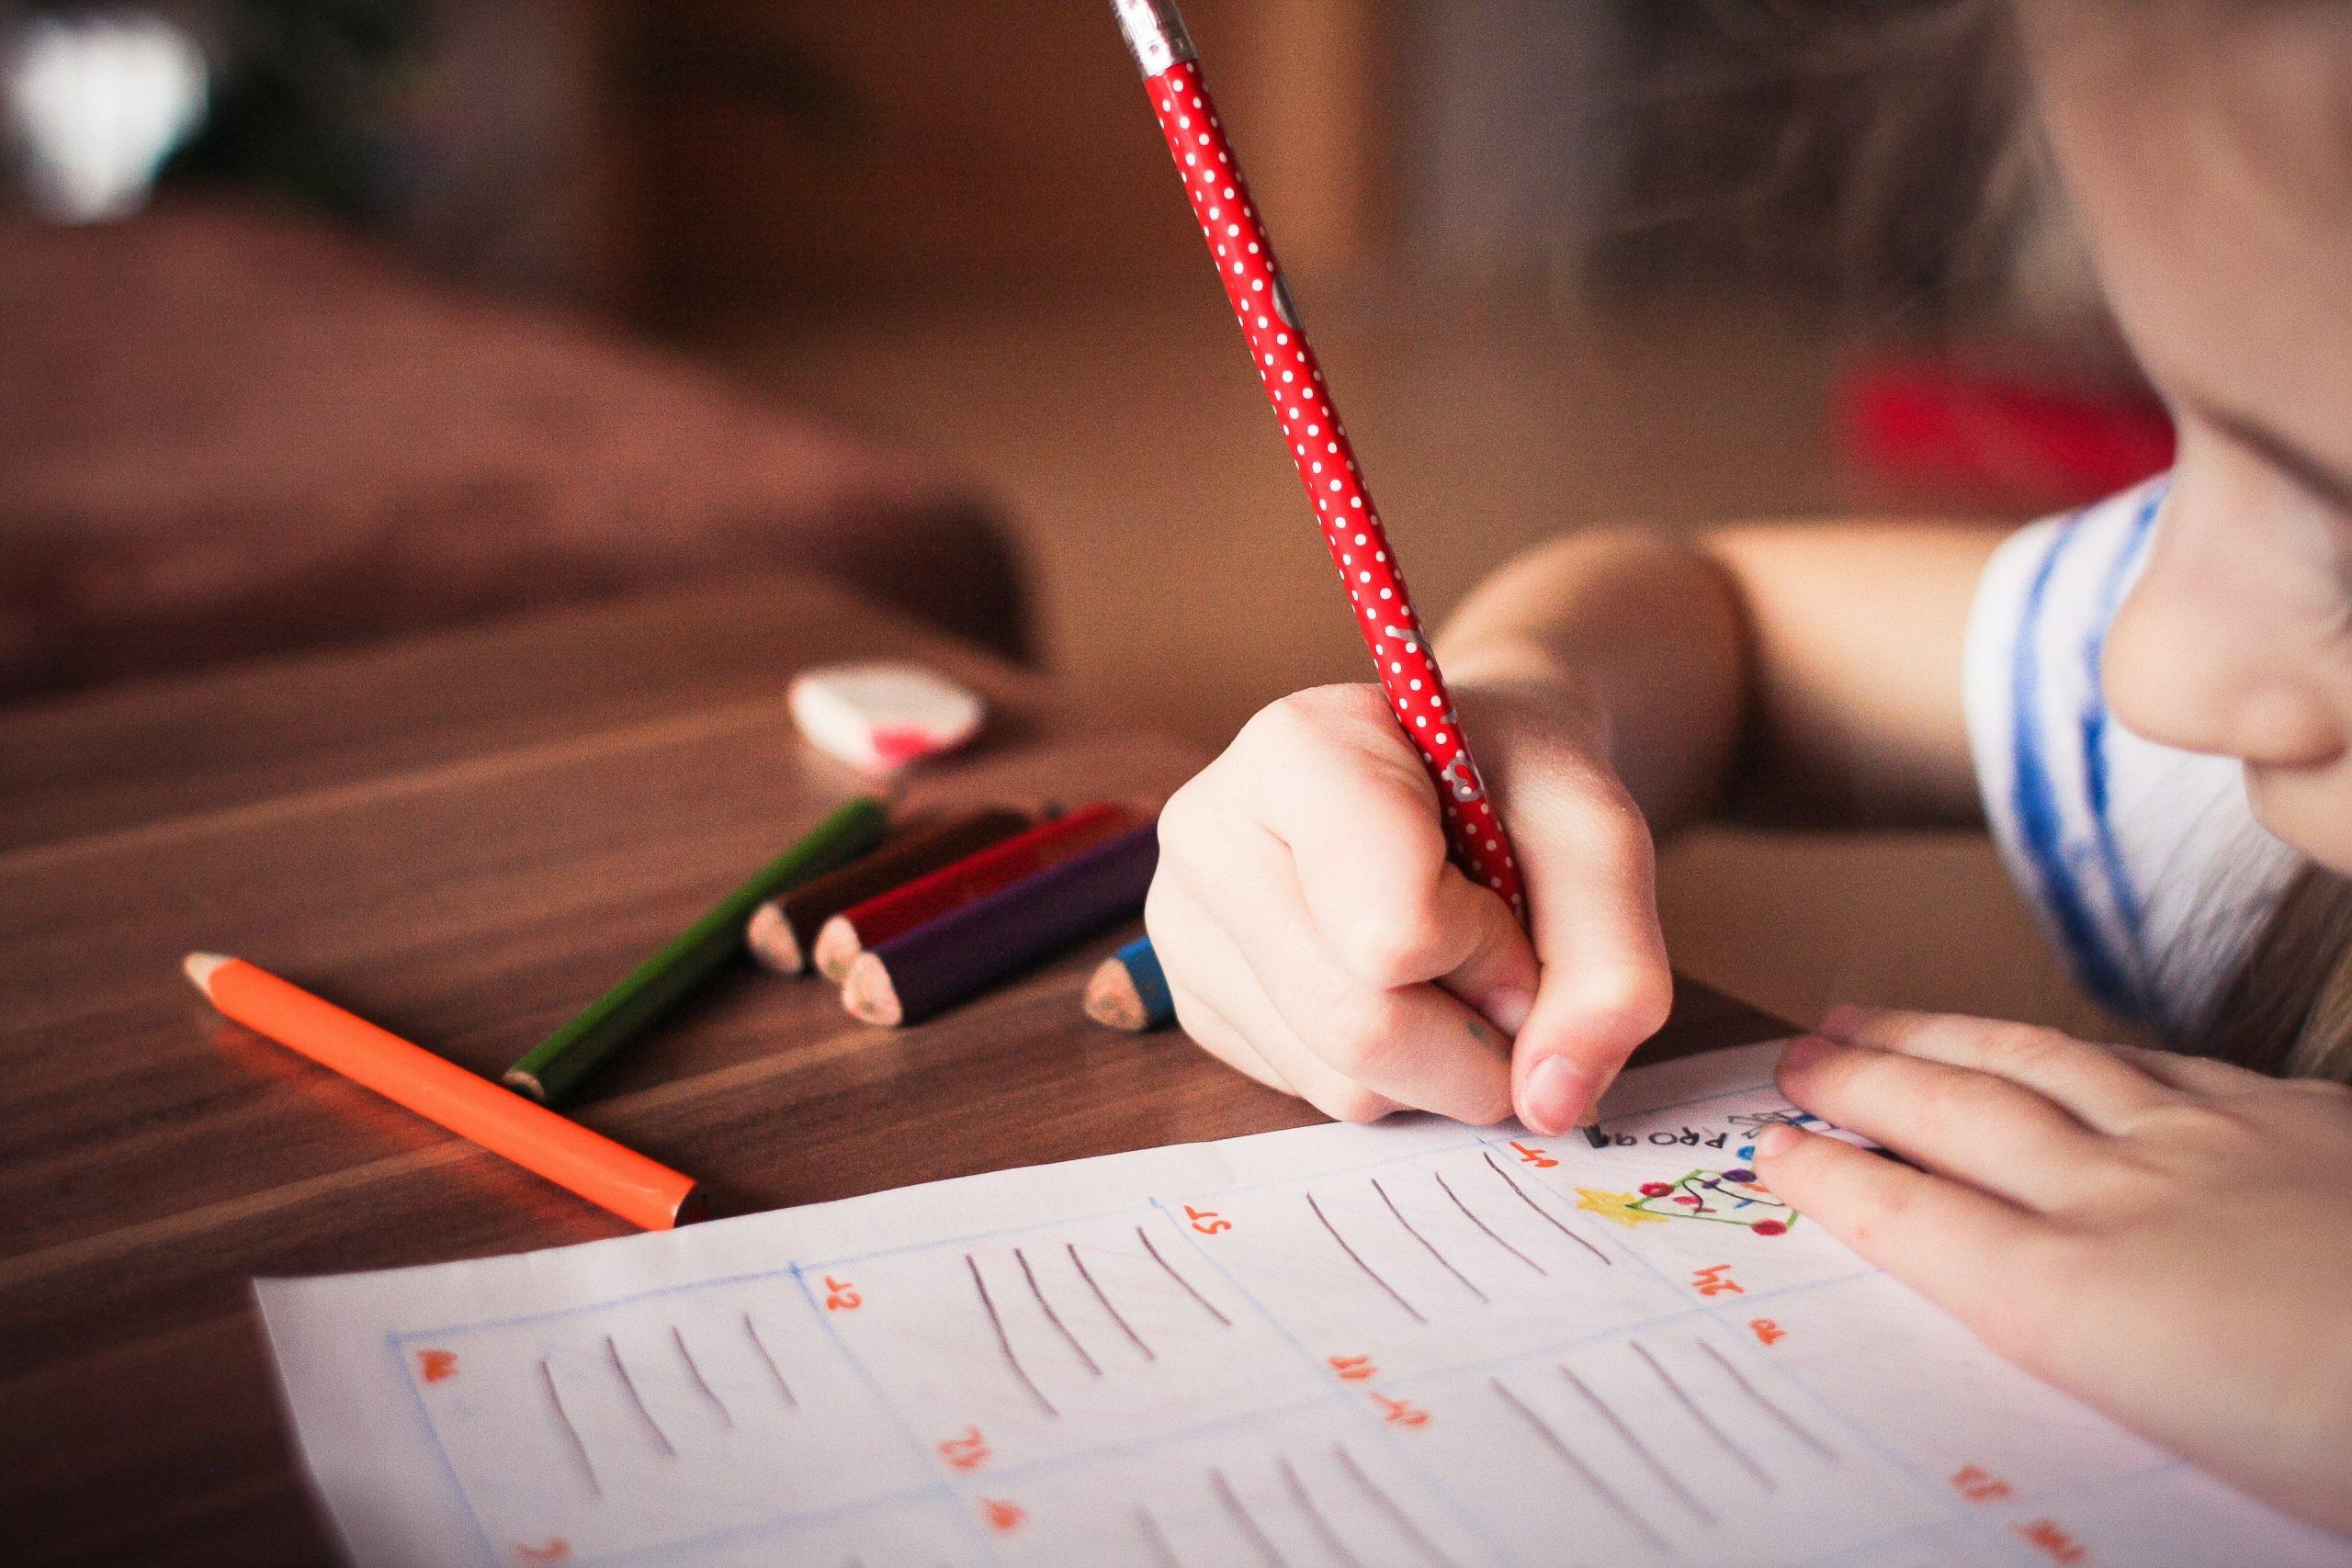 Ecrire une lettre de gratitude enfant, un exercice de développement personnel puissant (téléchargement PDF)